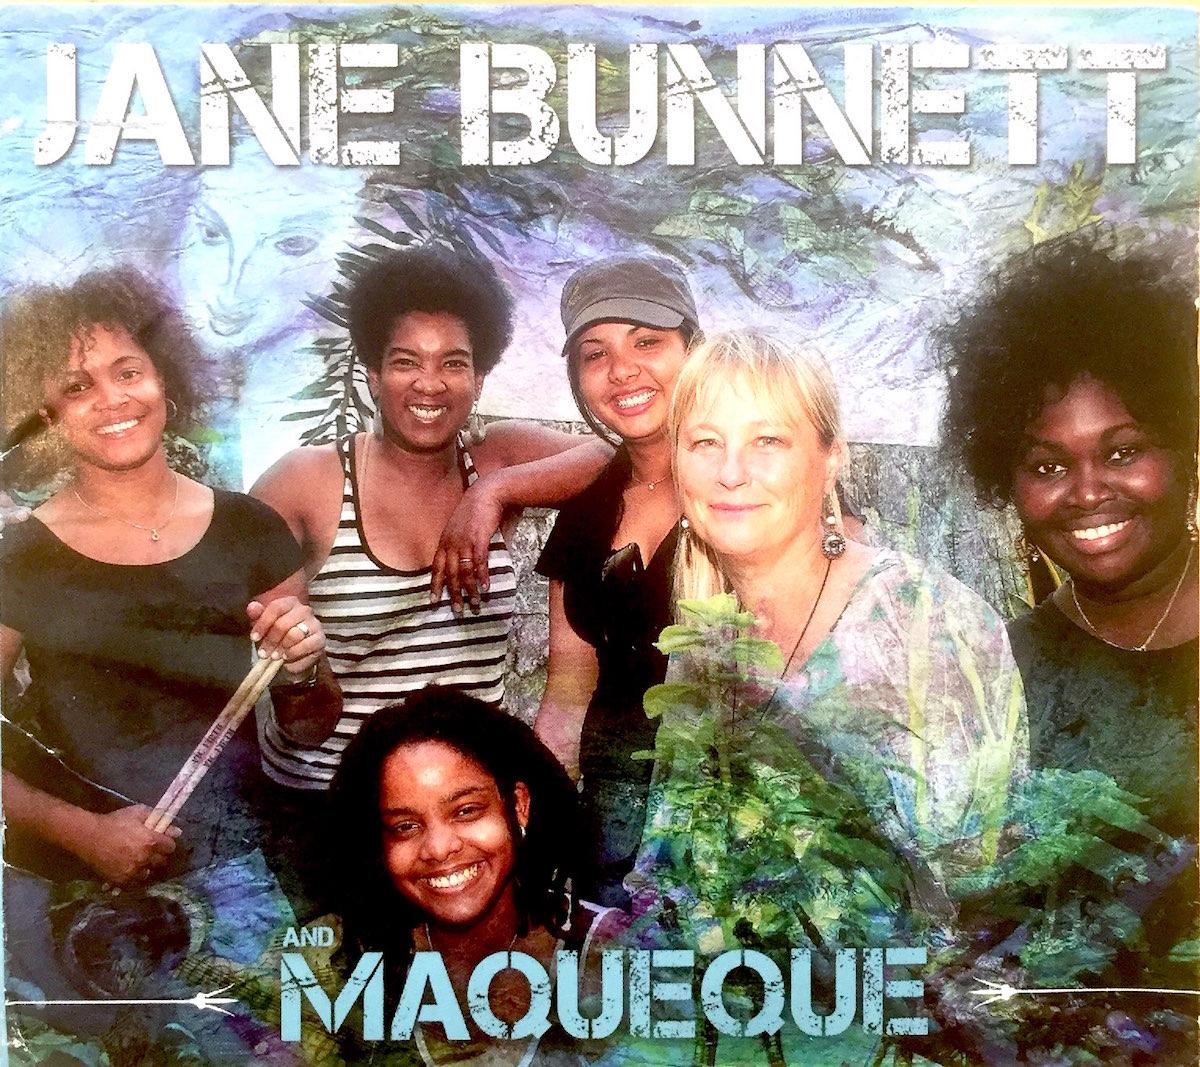 Jane-Bunnett-Maqueque_1200.jpg